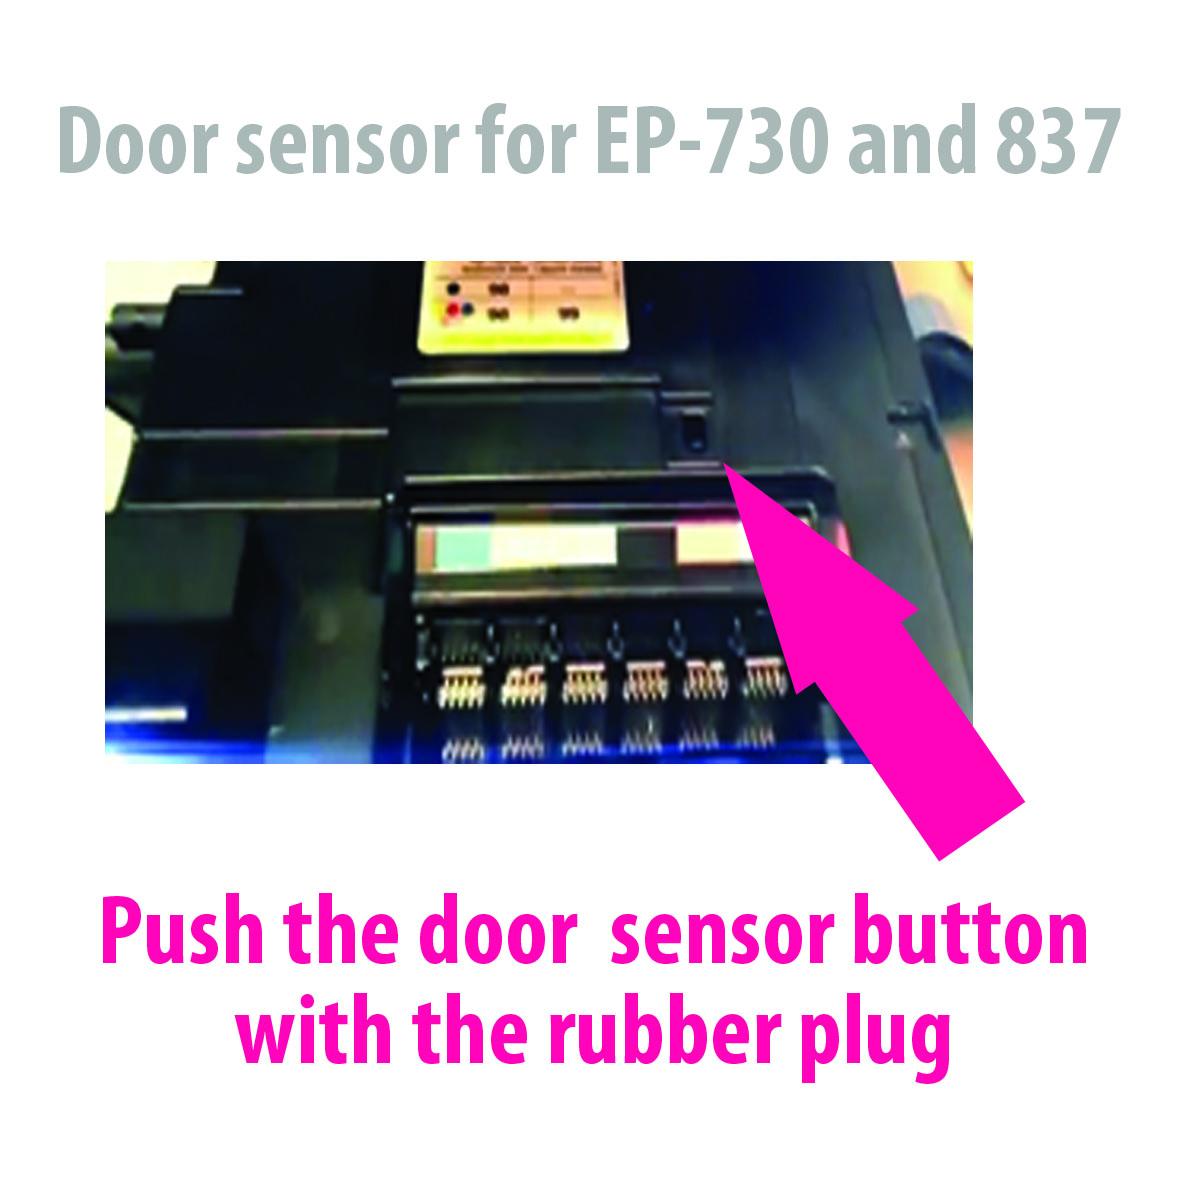 Door sensor for EP-730 and 837